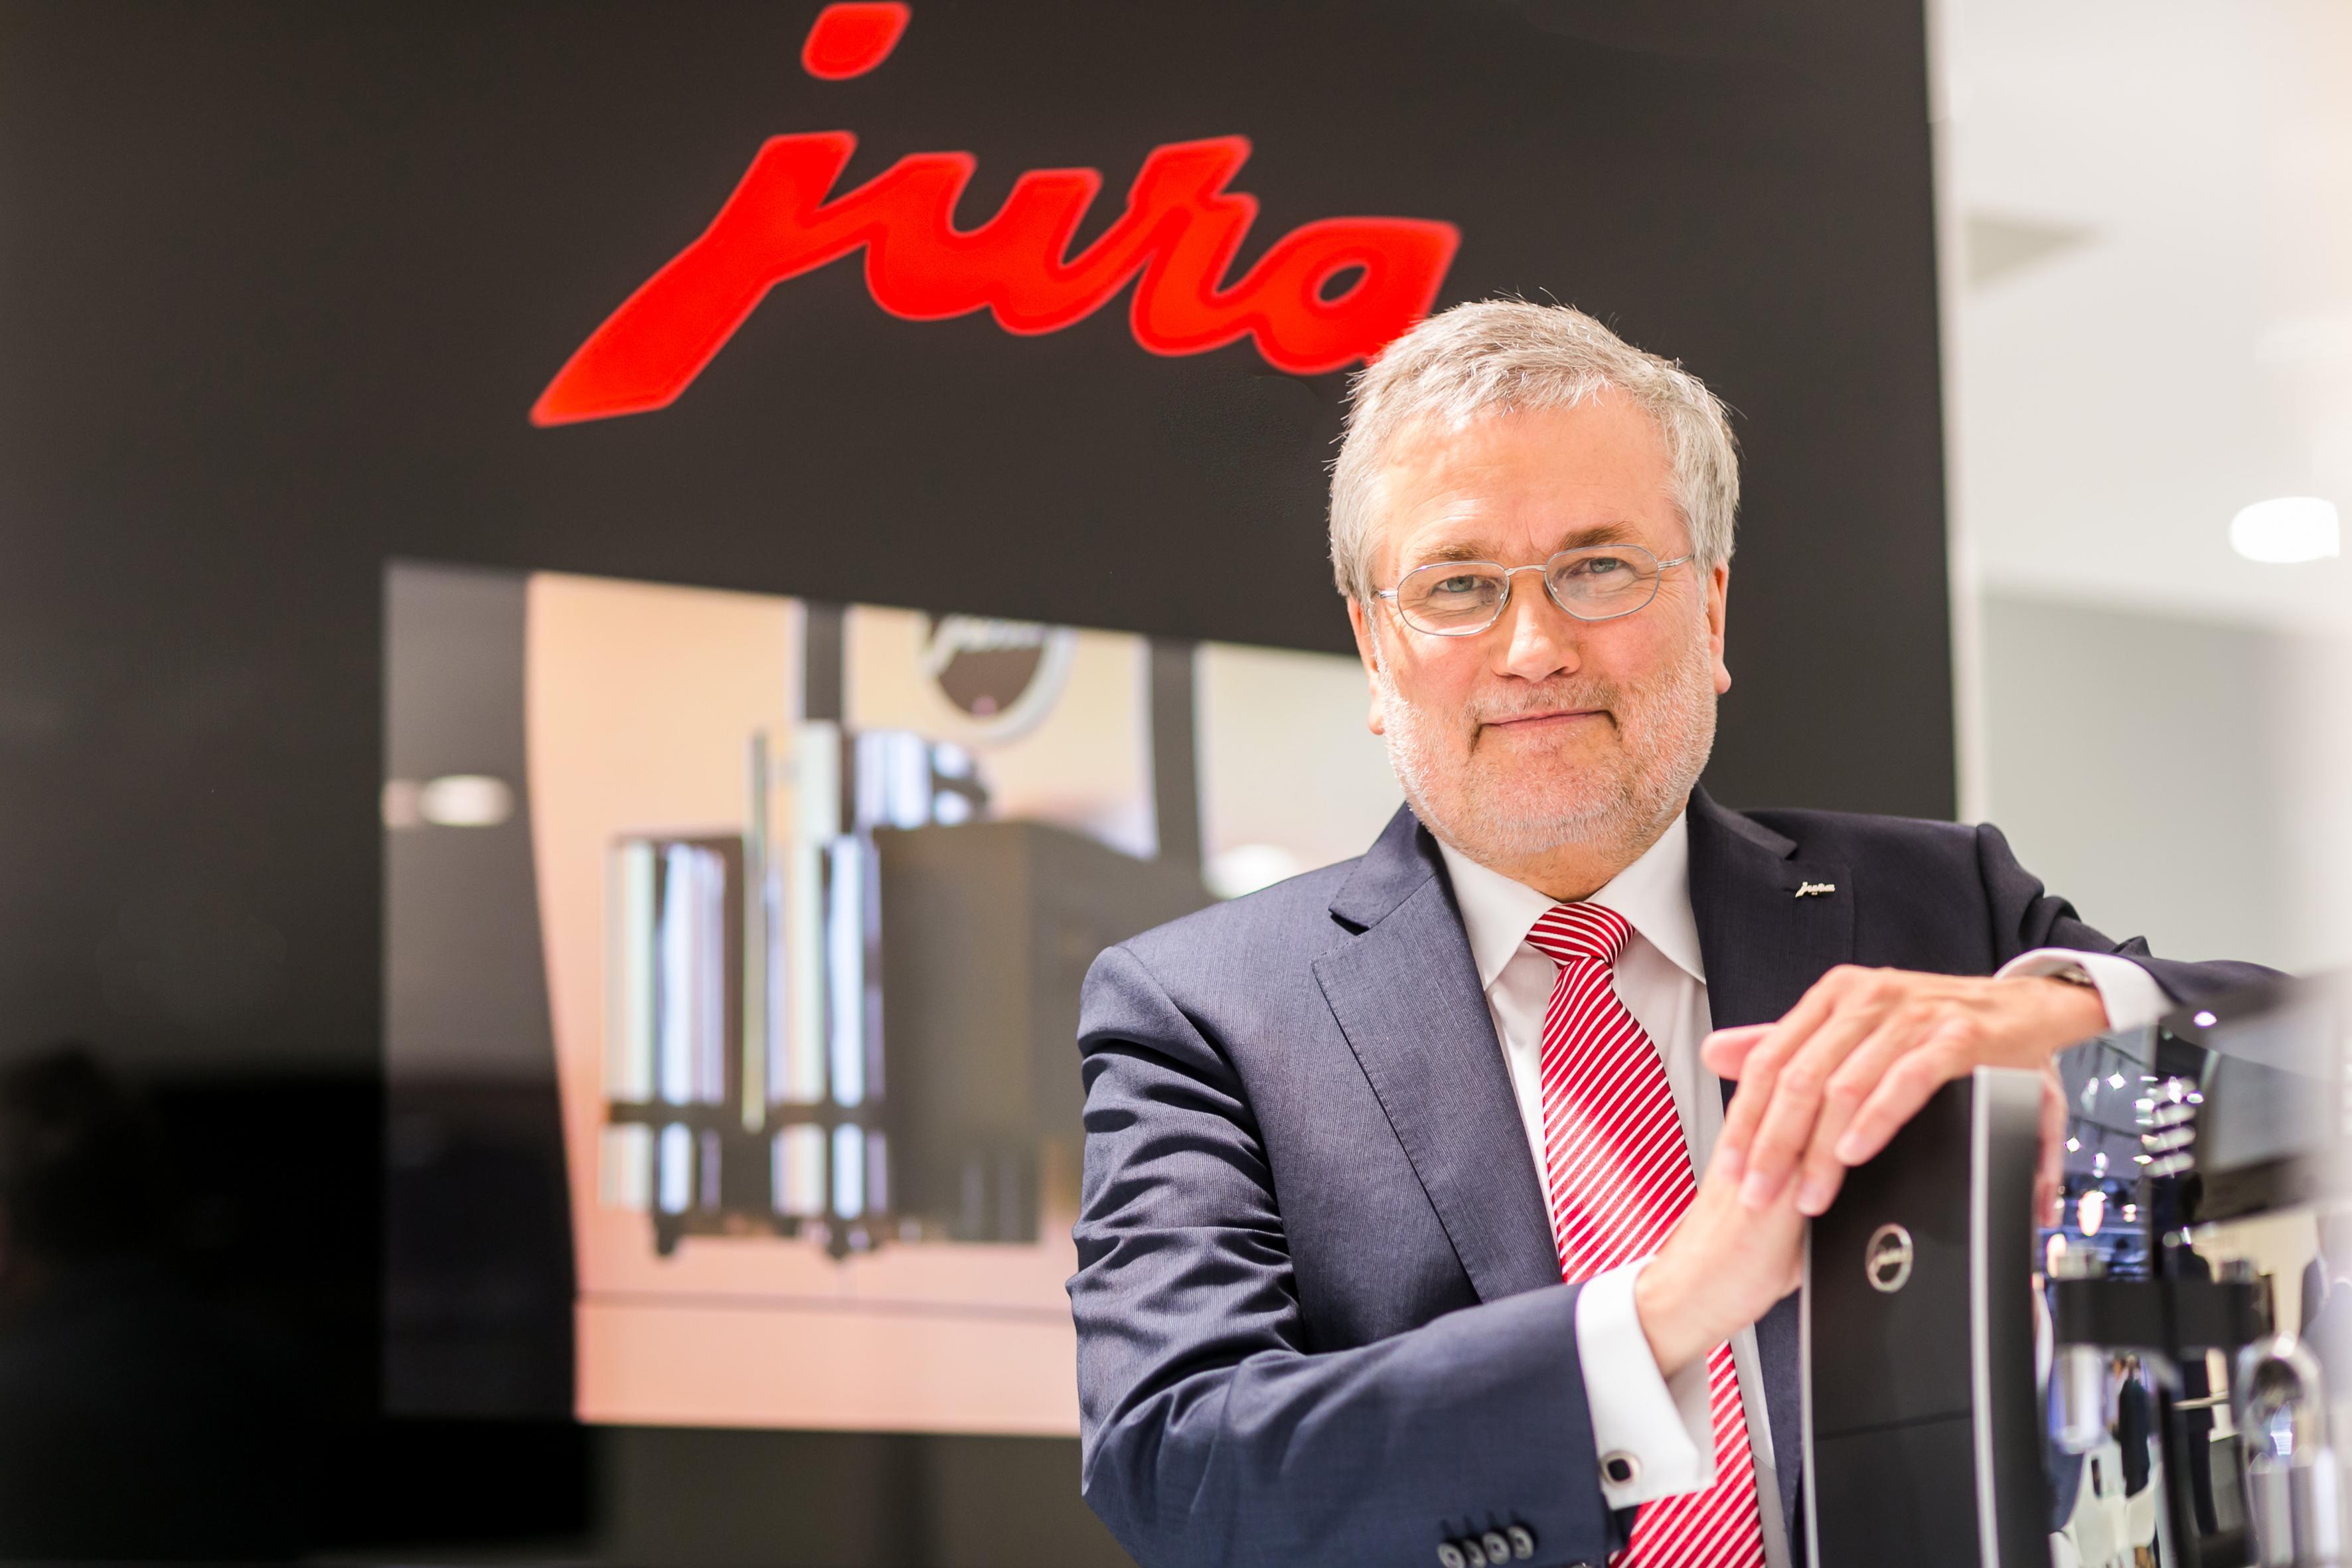 Freut sich über die Auszeichnung: Rolf Diehl, Geschäftsführer der Jura Vertriebs GmbH.